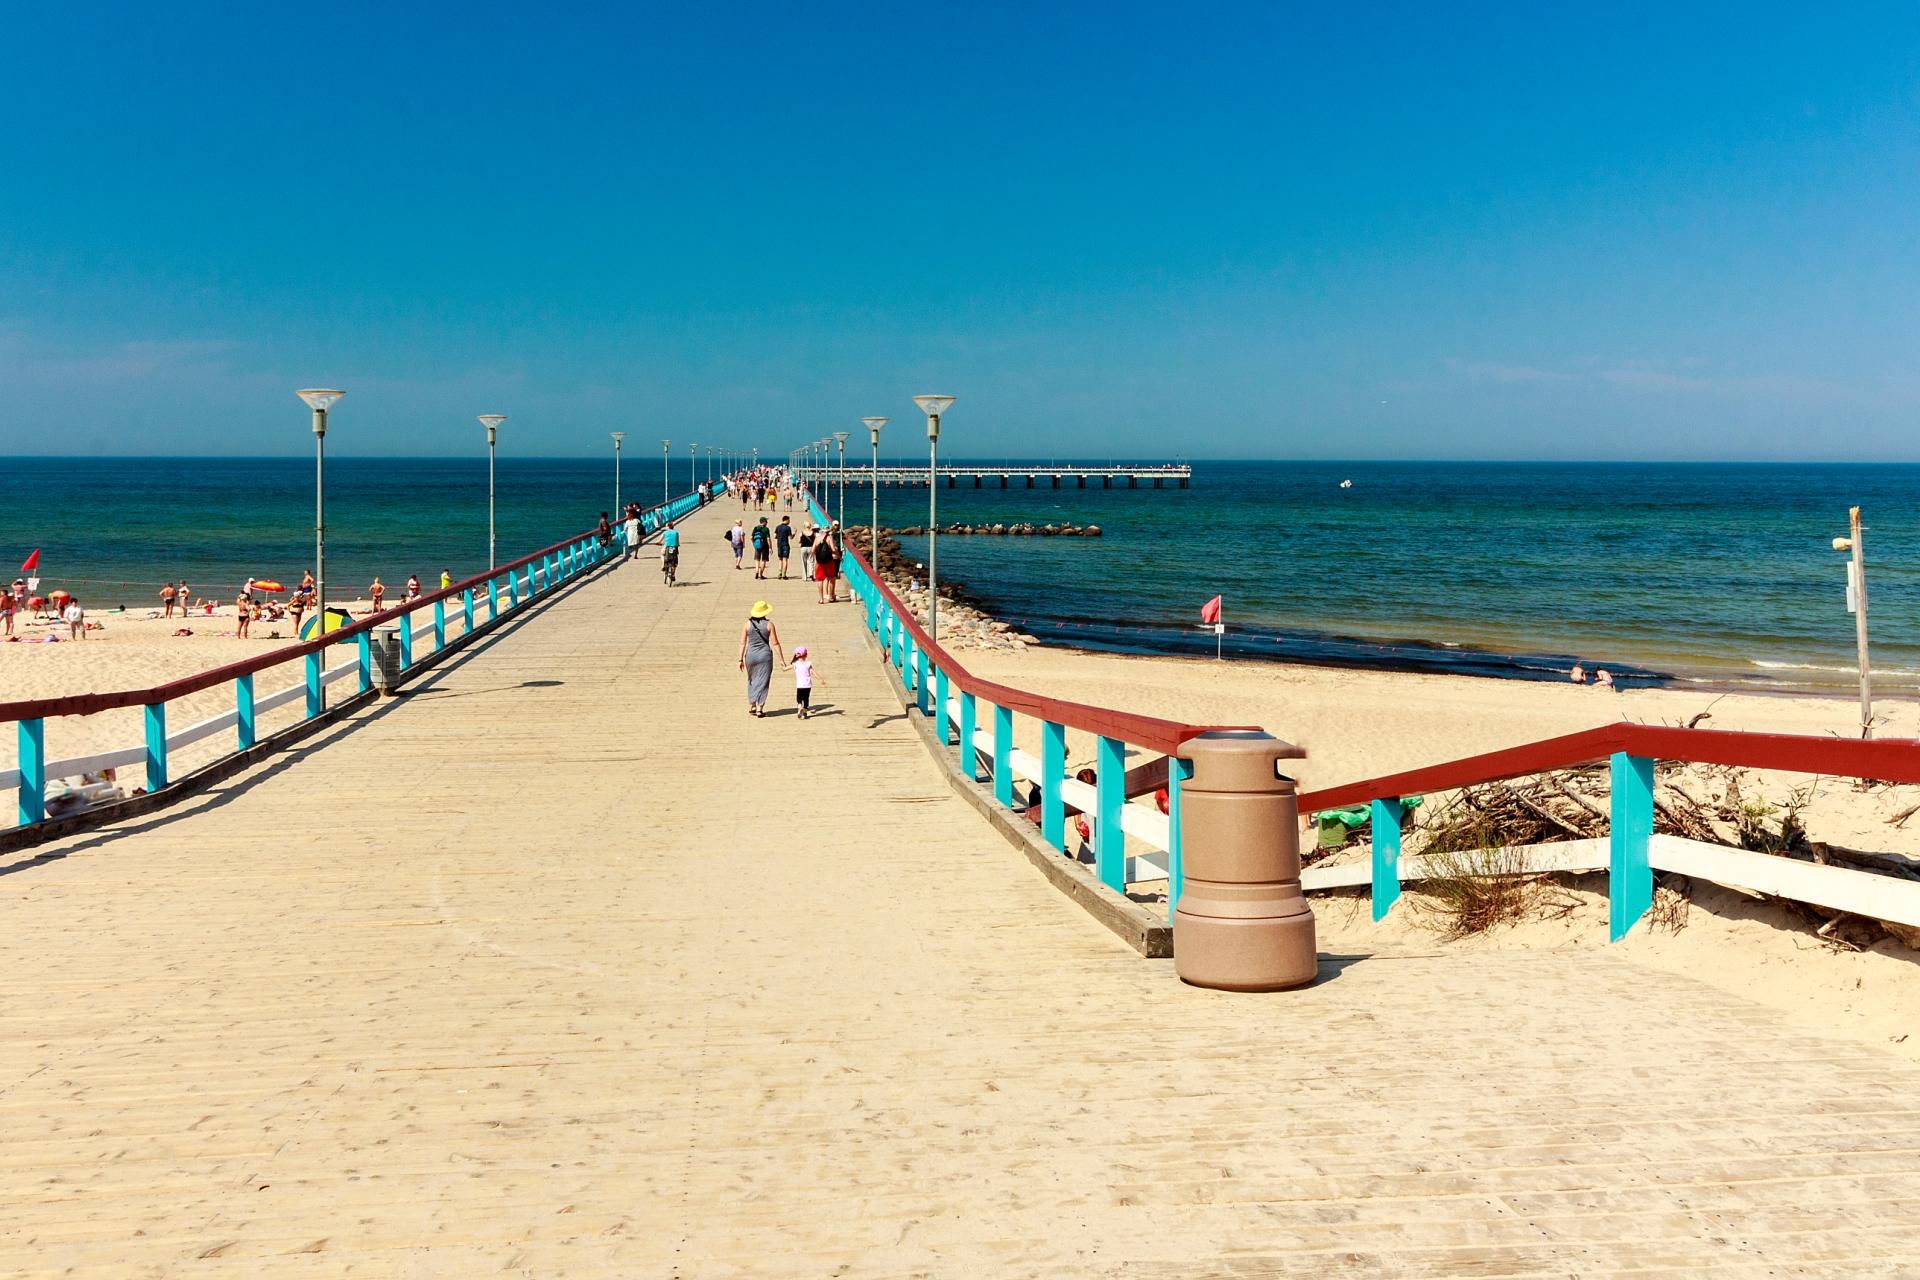 リトアニアで人気のリゾート「パランガ」の夏の風景